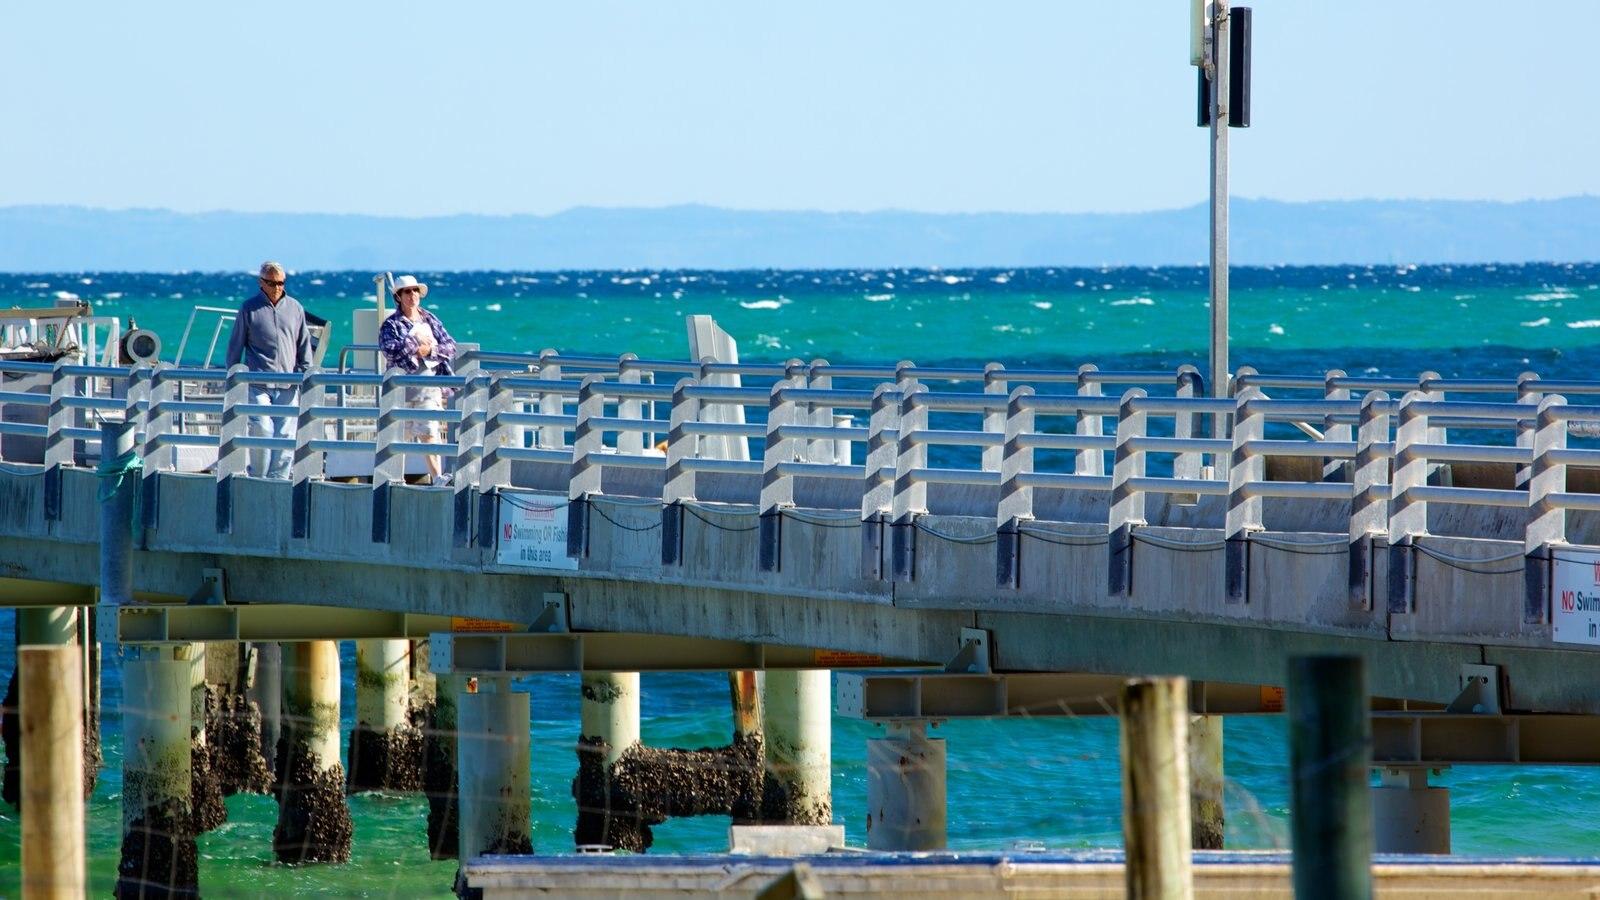 Parque nacional de Isla Moreton que incluye vistas generales de la costa y un puente y también una pareja